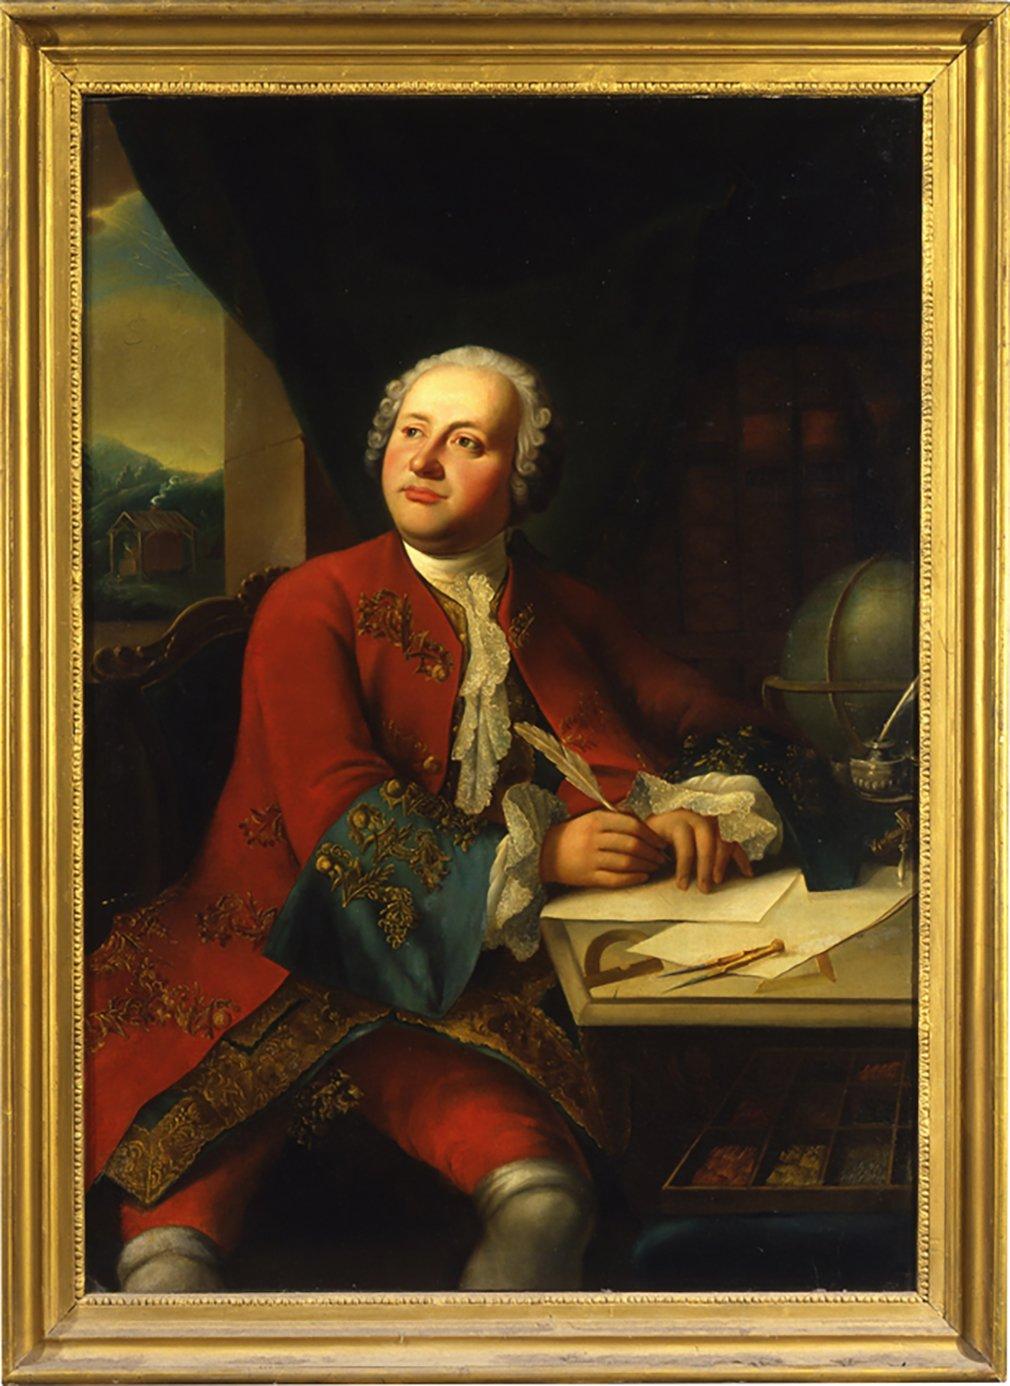 Портрет М.В. Ломоносова. Неизвестный художник. Копия с несохранившегося оригинала Георга Каспара Иосифа фон Преннера. 1755 год